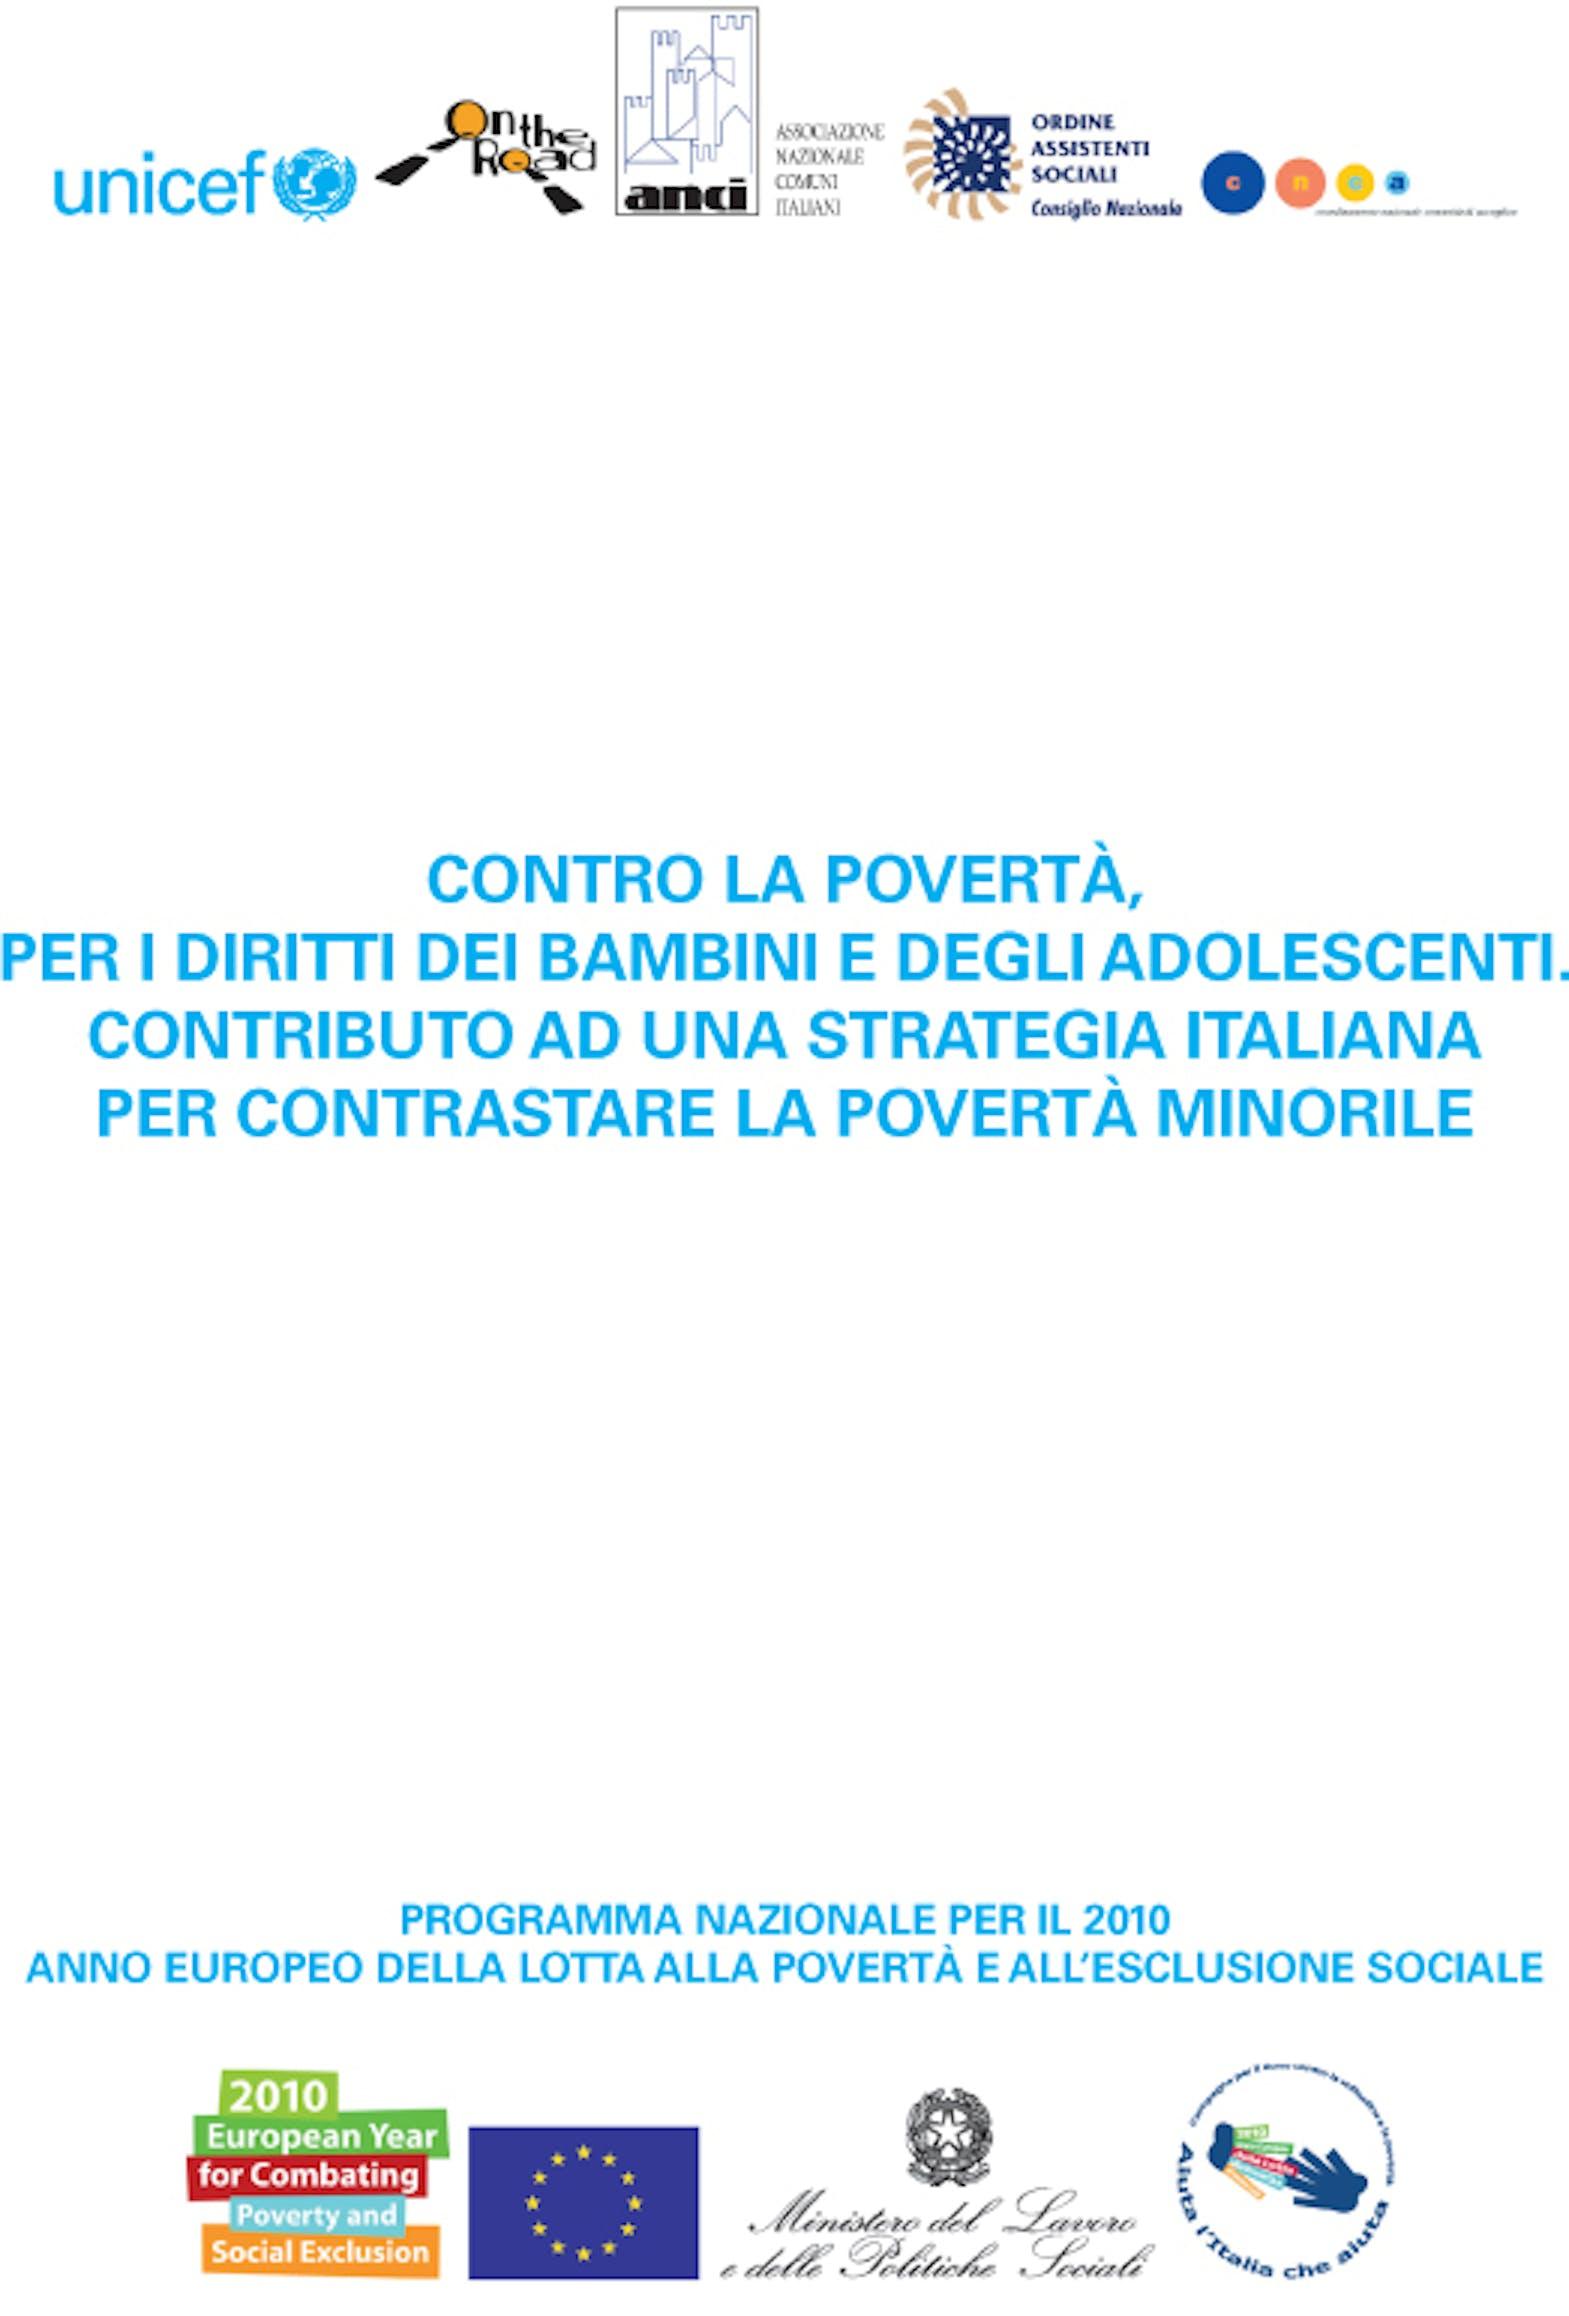 Contro la povertà, per i diritti dei bambini e degli adolescenti